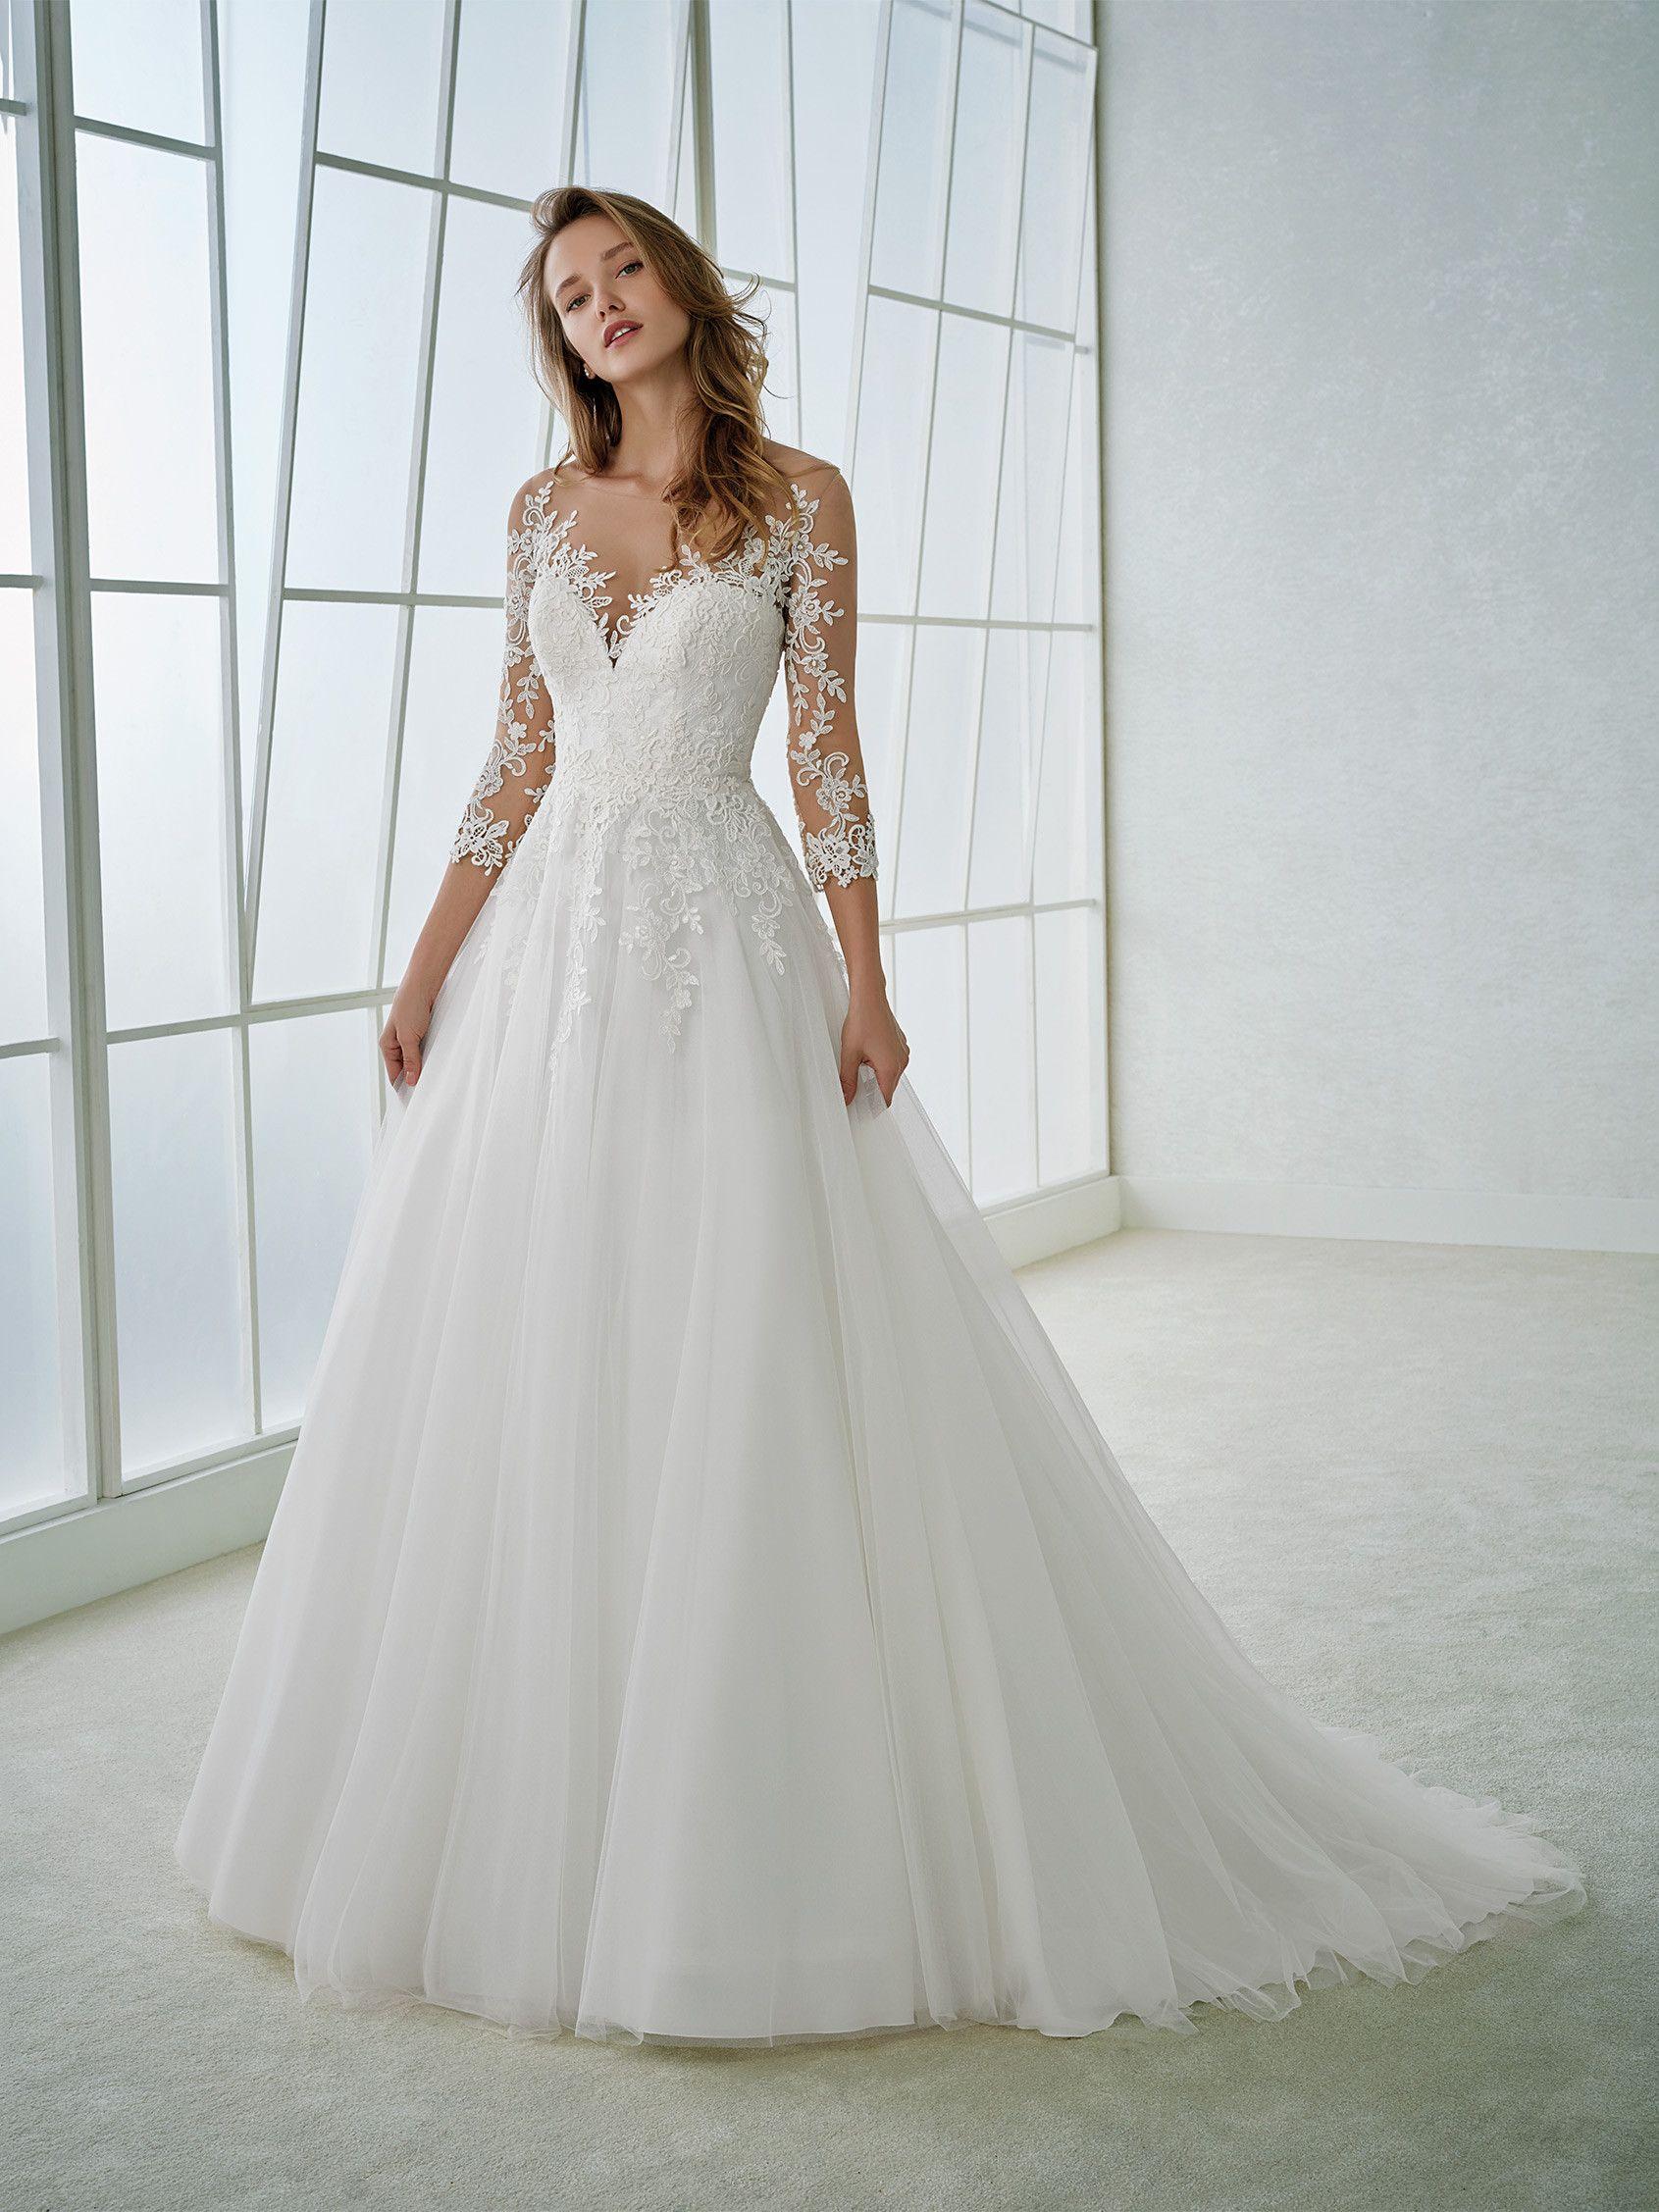 Bezauberndes Brautkleid mit 3/4-Ärmeln, Rock im Prinzessin-Stil und ...